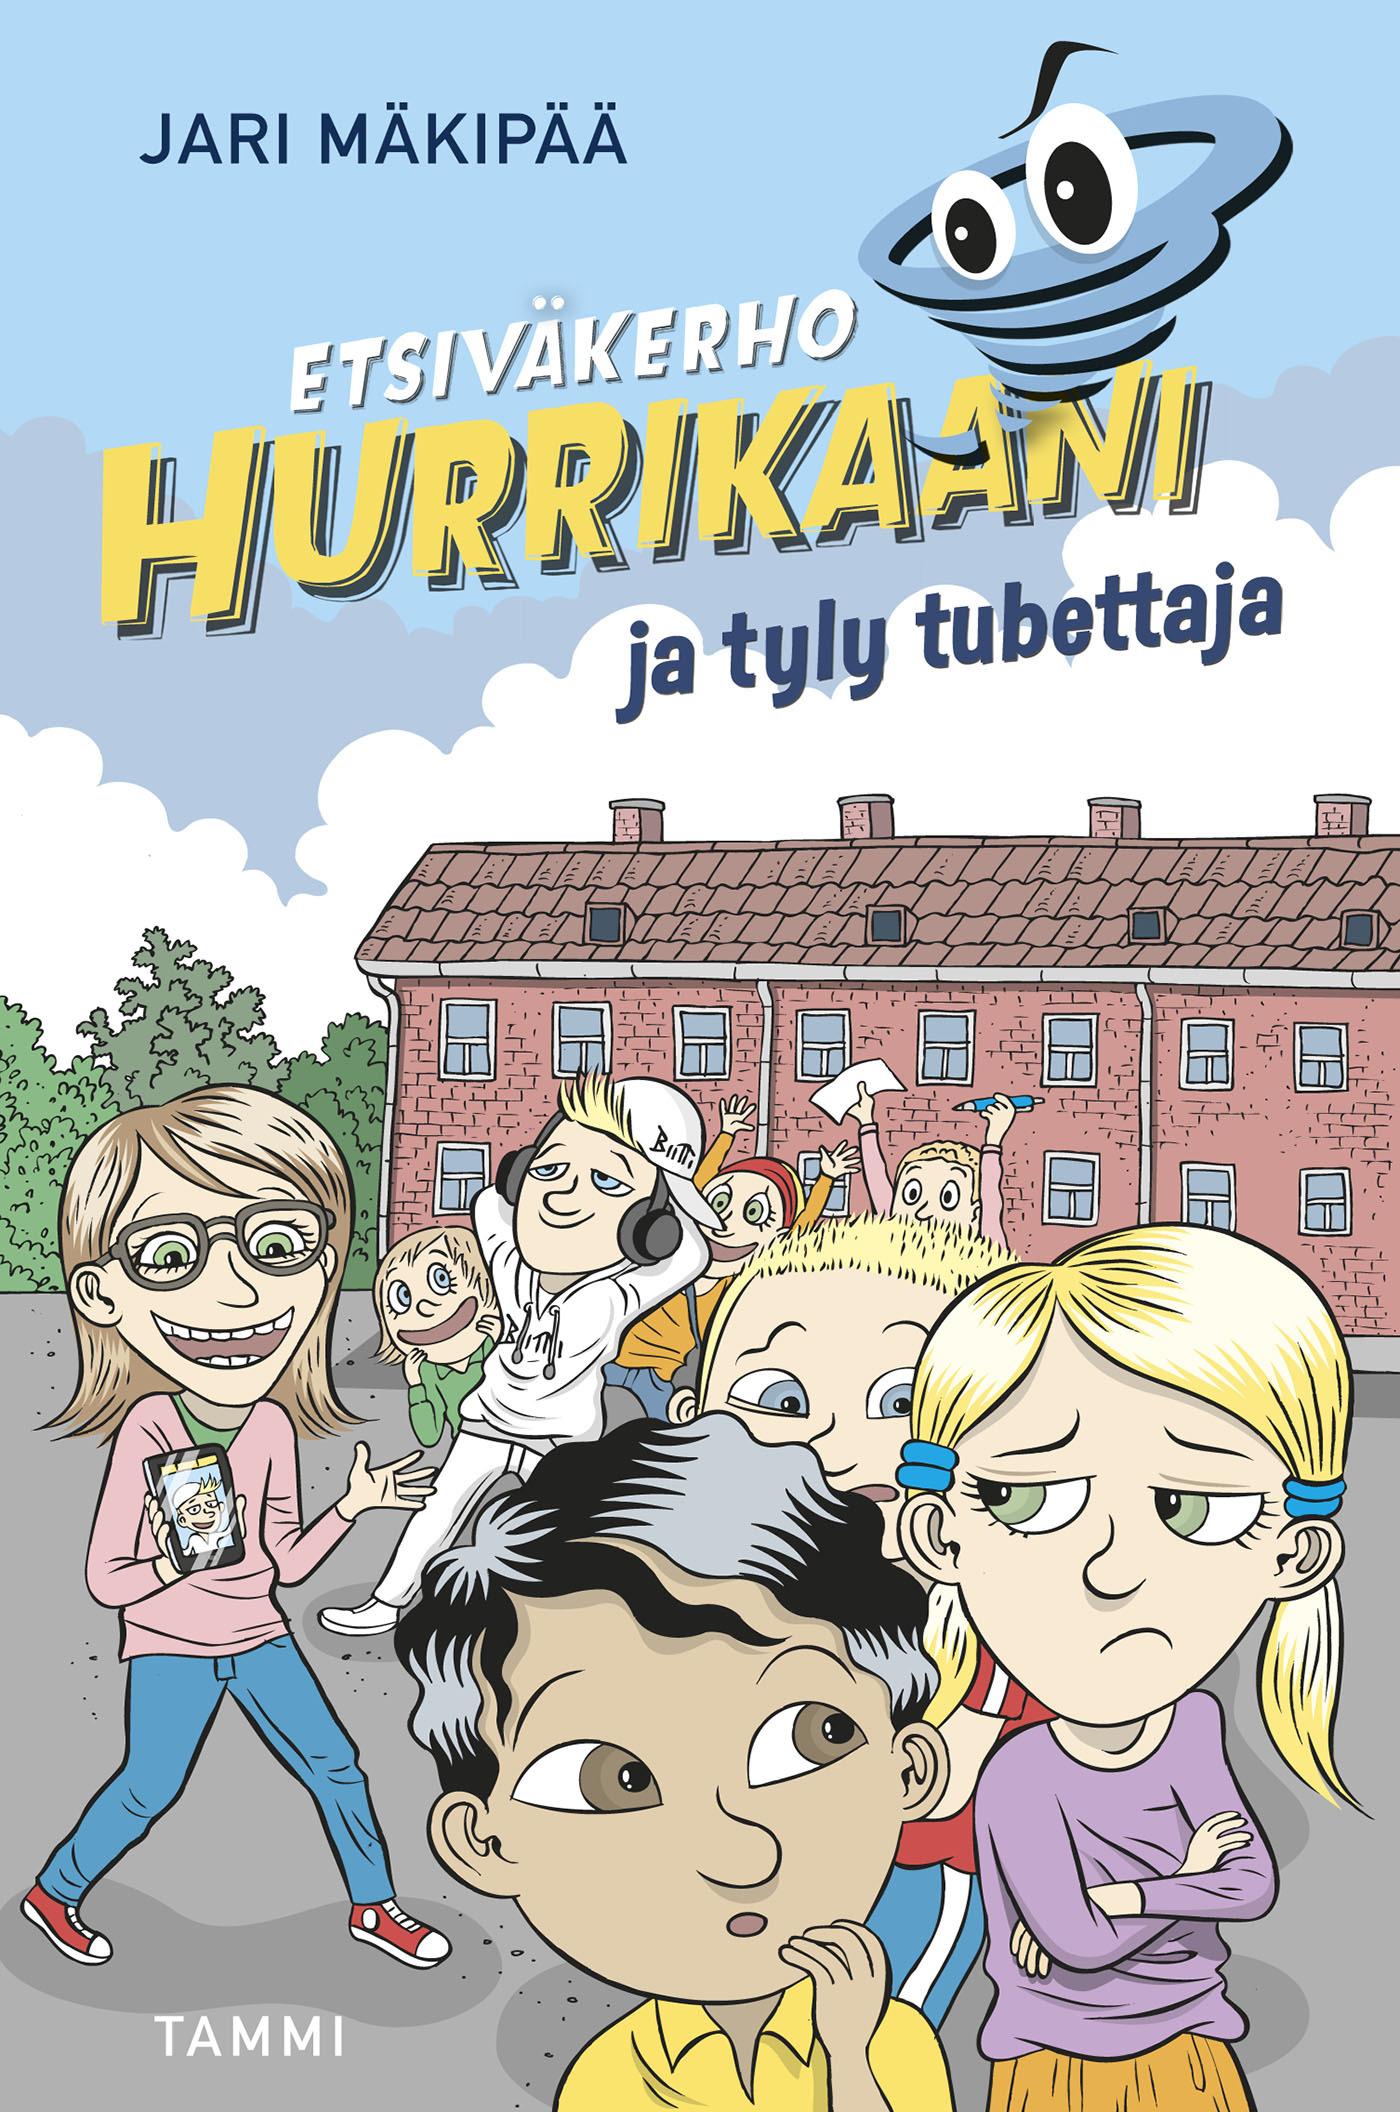 Mäkipää, Jari - Etsiväkerho Hurrikaani ja tyly tubettaja, e-kirja